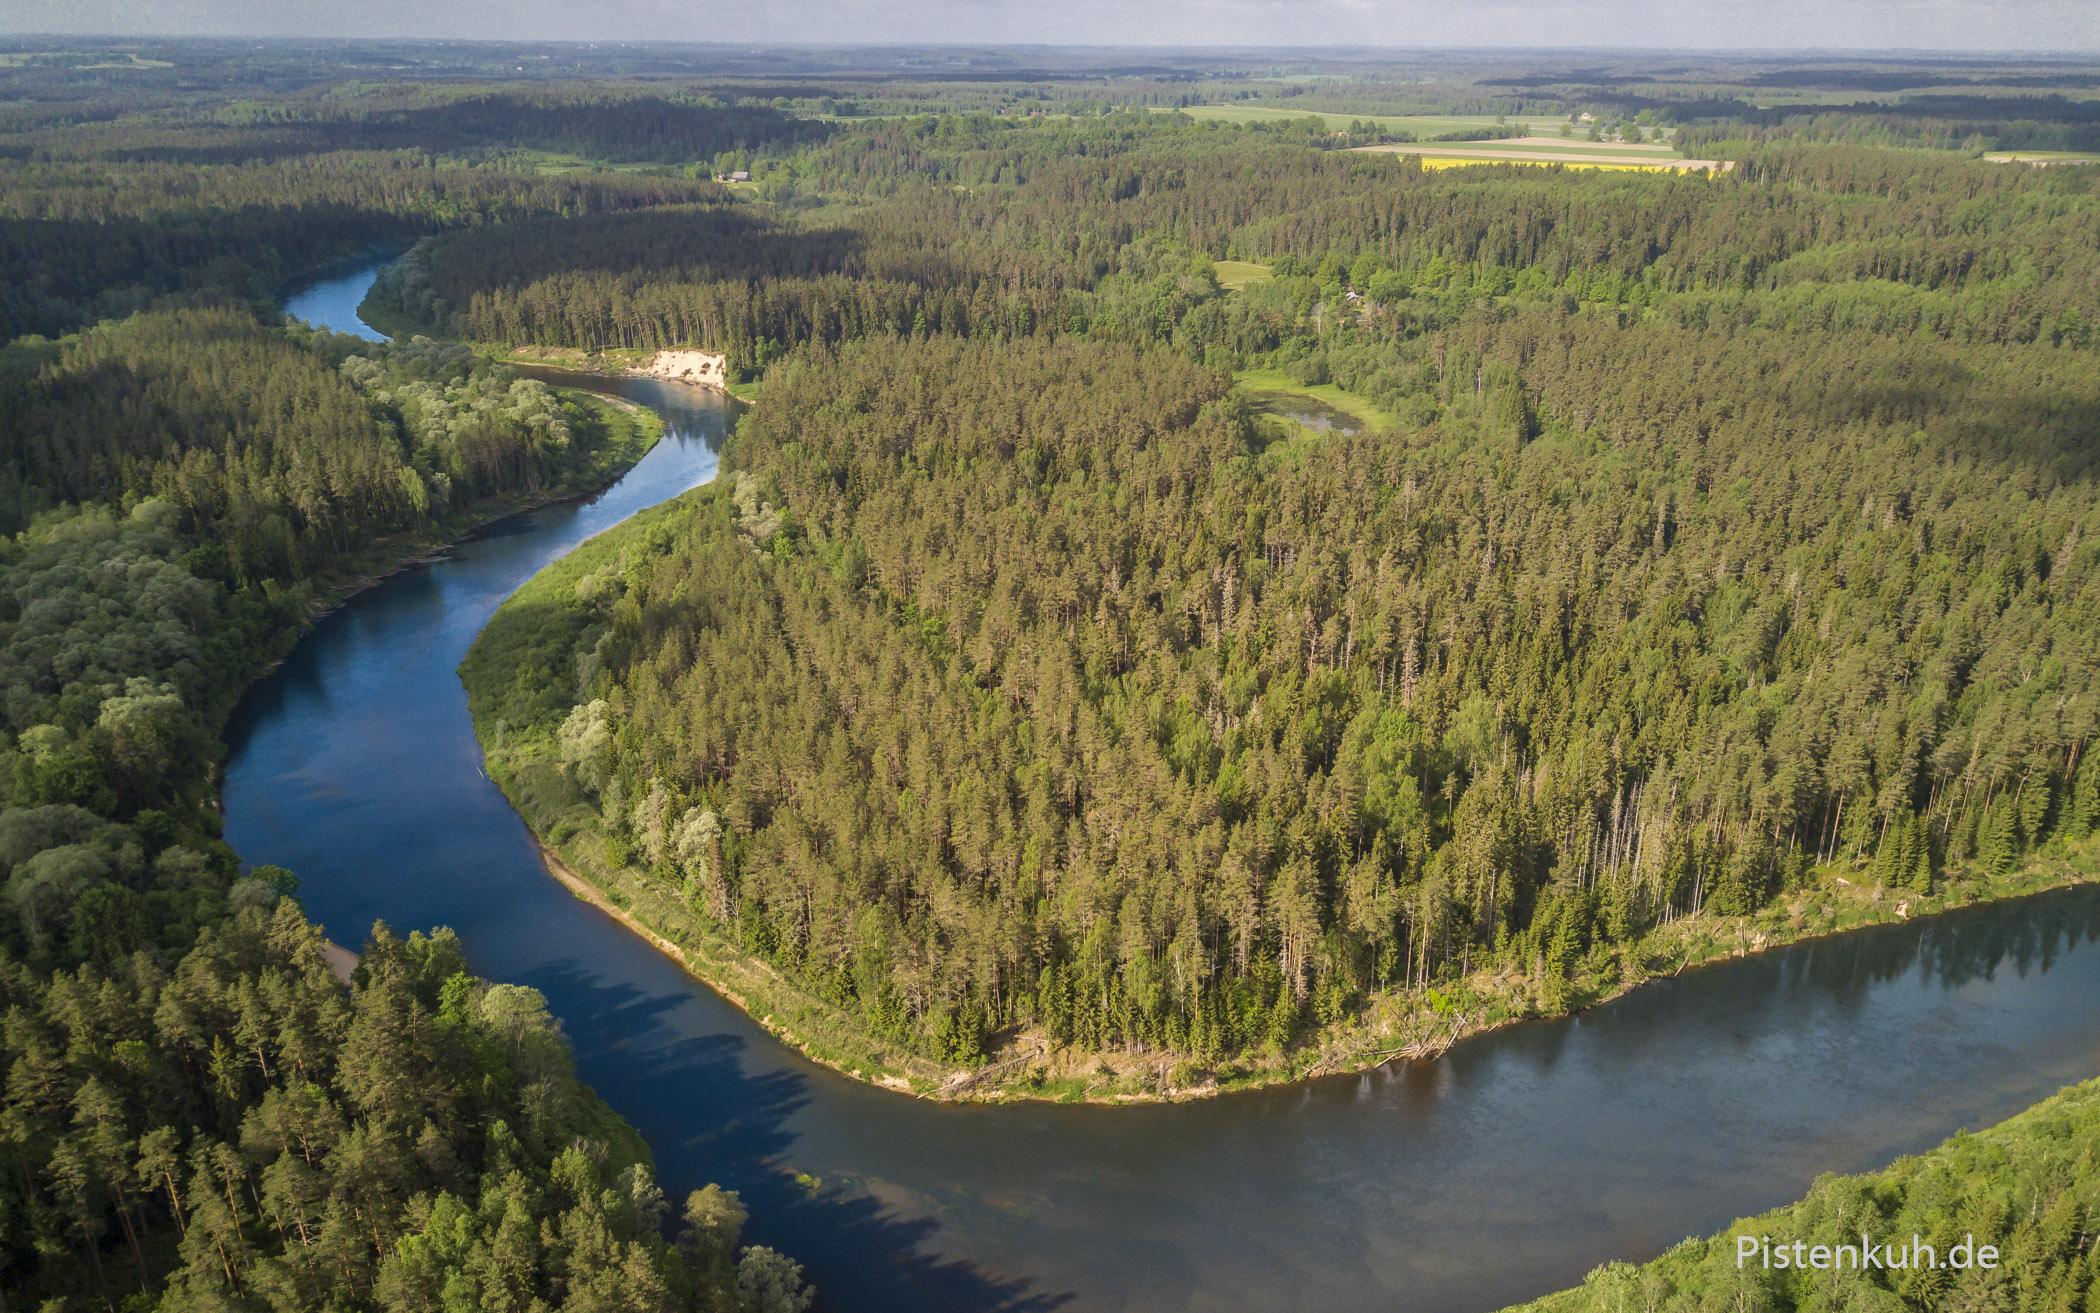 Luftbild: Flusslandschaft in Lettland mit der Drohne fotografiert